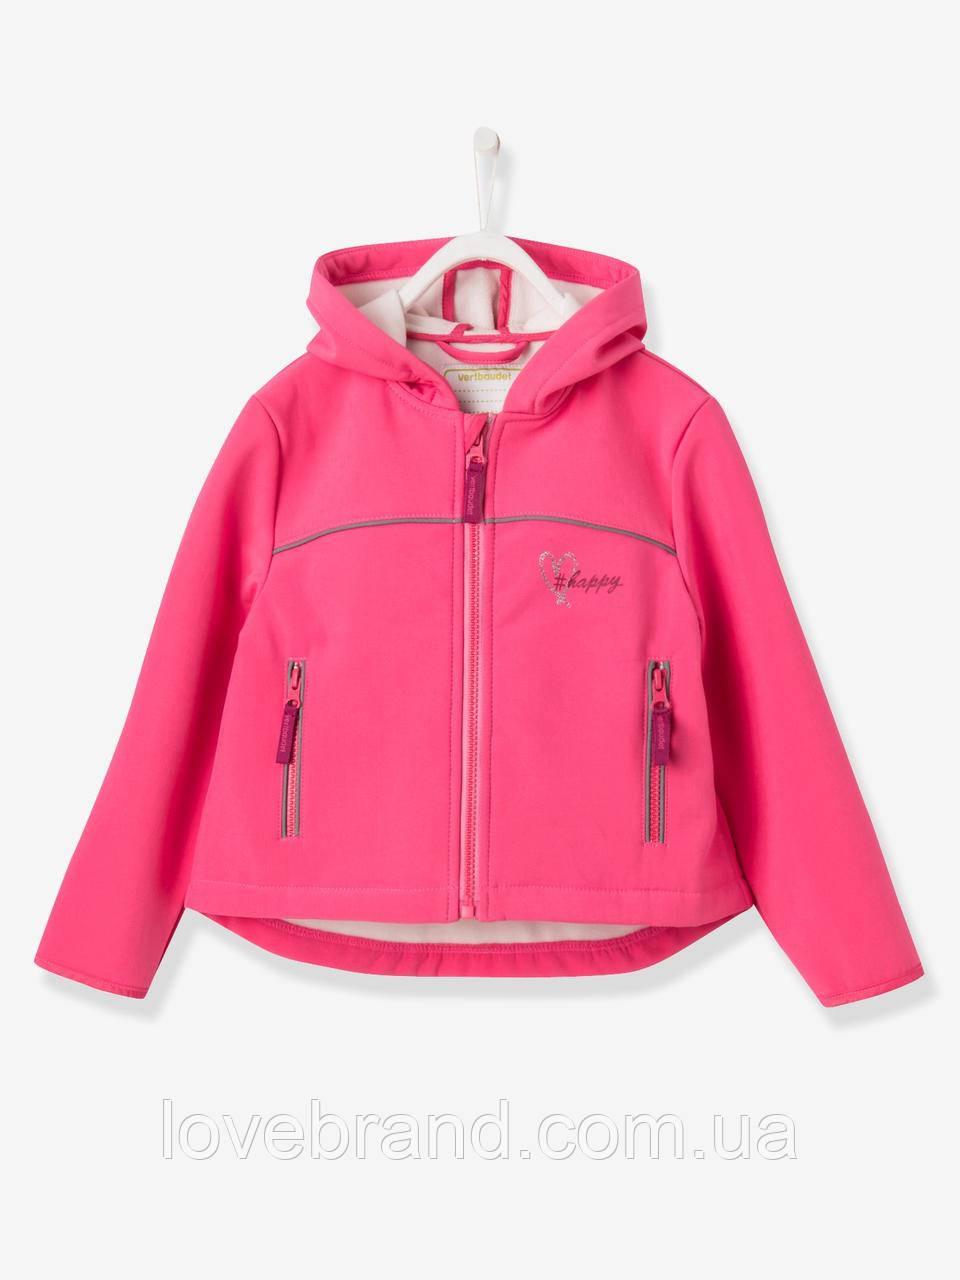 Термо курточка для девочки Vertbaudet (Франция)